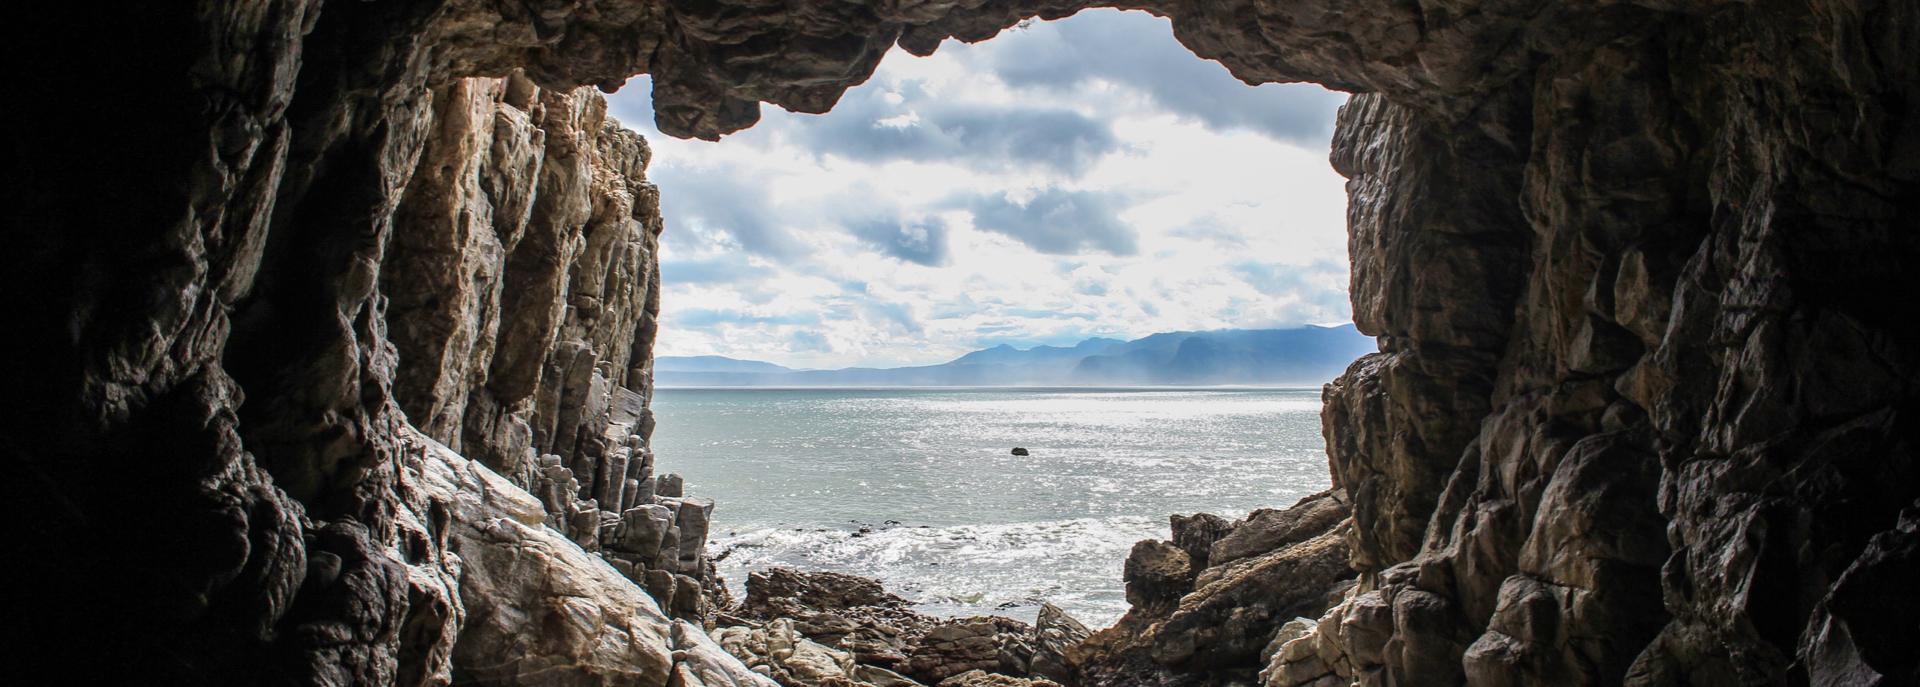 Grotte da visitare in Liguria: Borgio Verezzi e Toirano